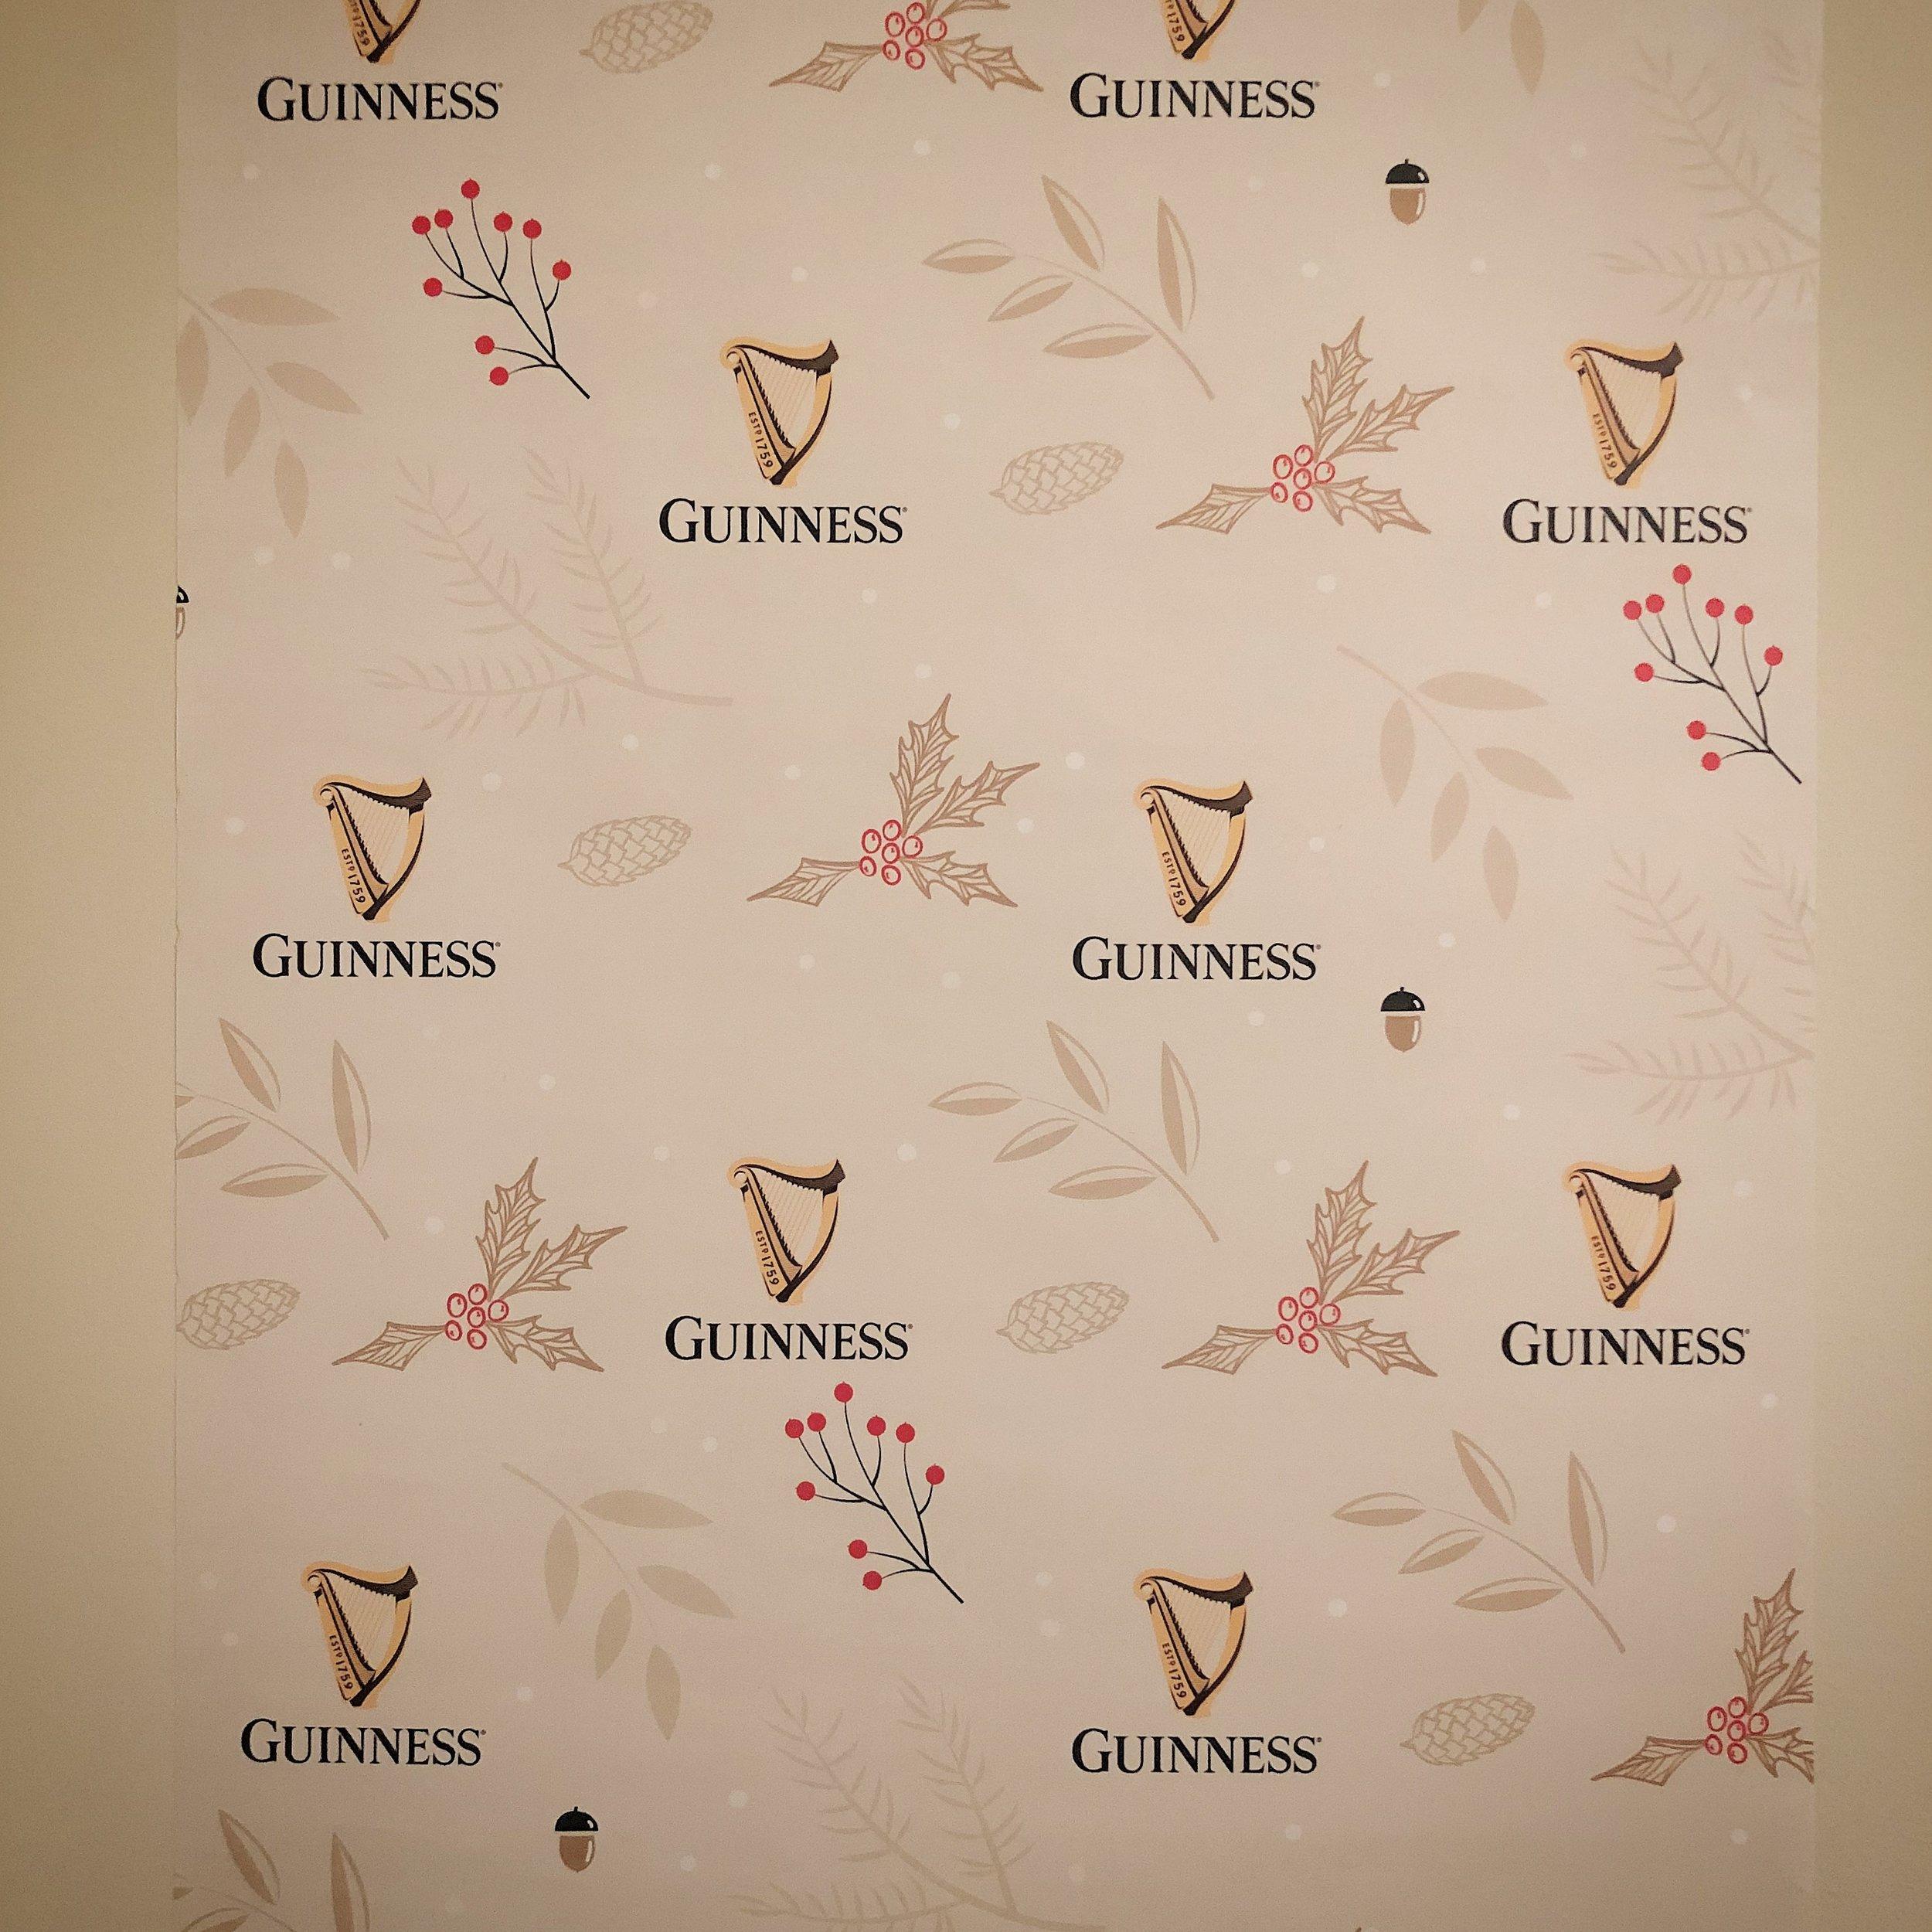 Guinness wall art